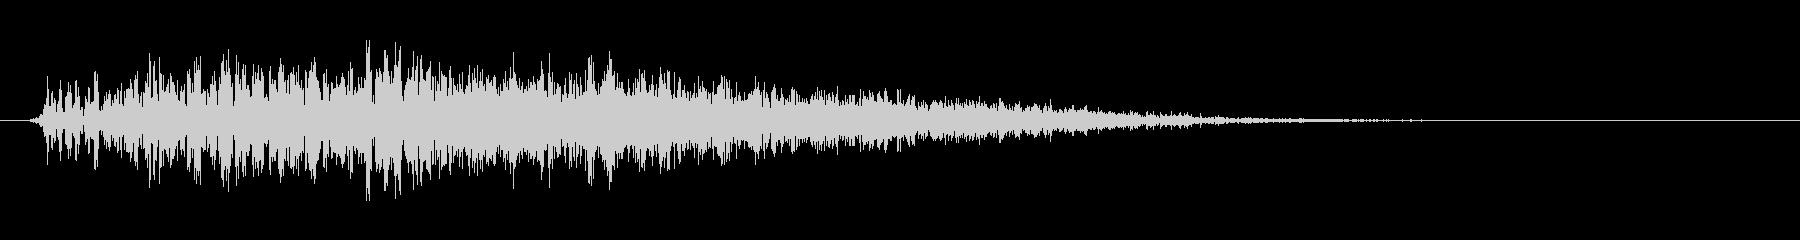 ゾンビ 怪物 うめき声の未再生の波形